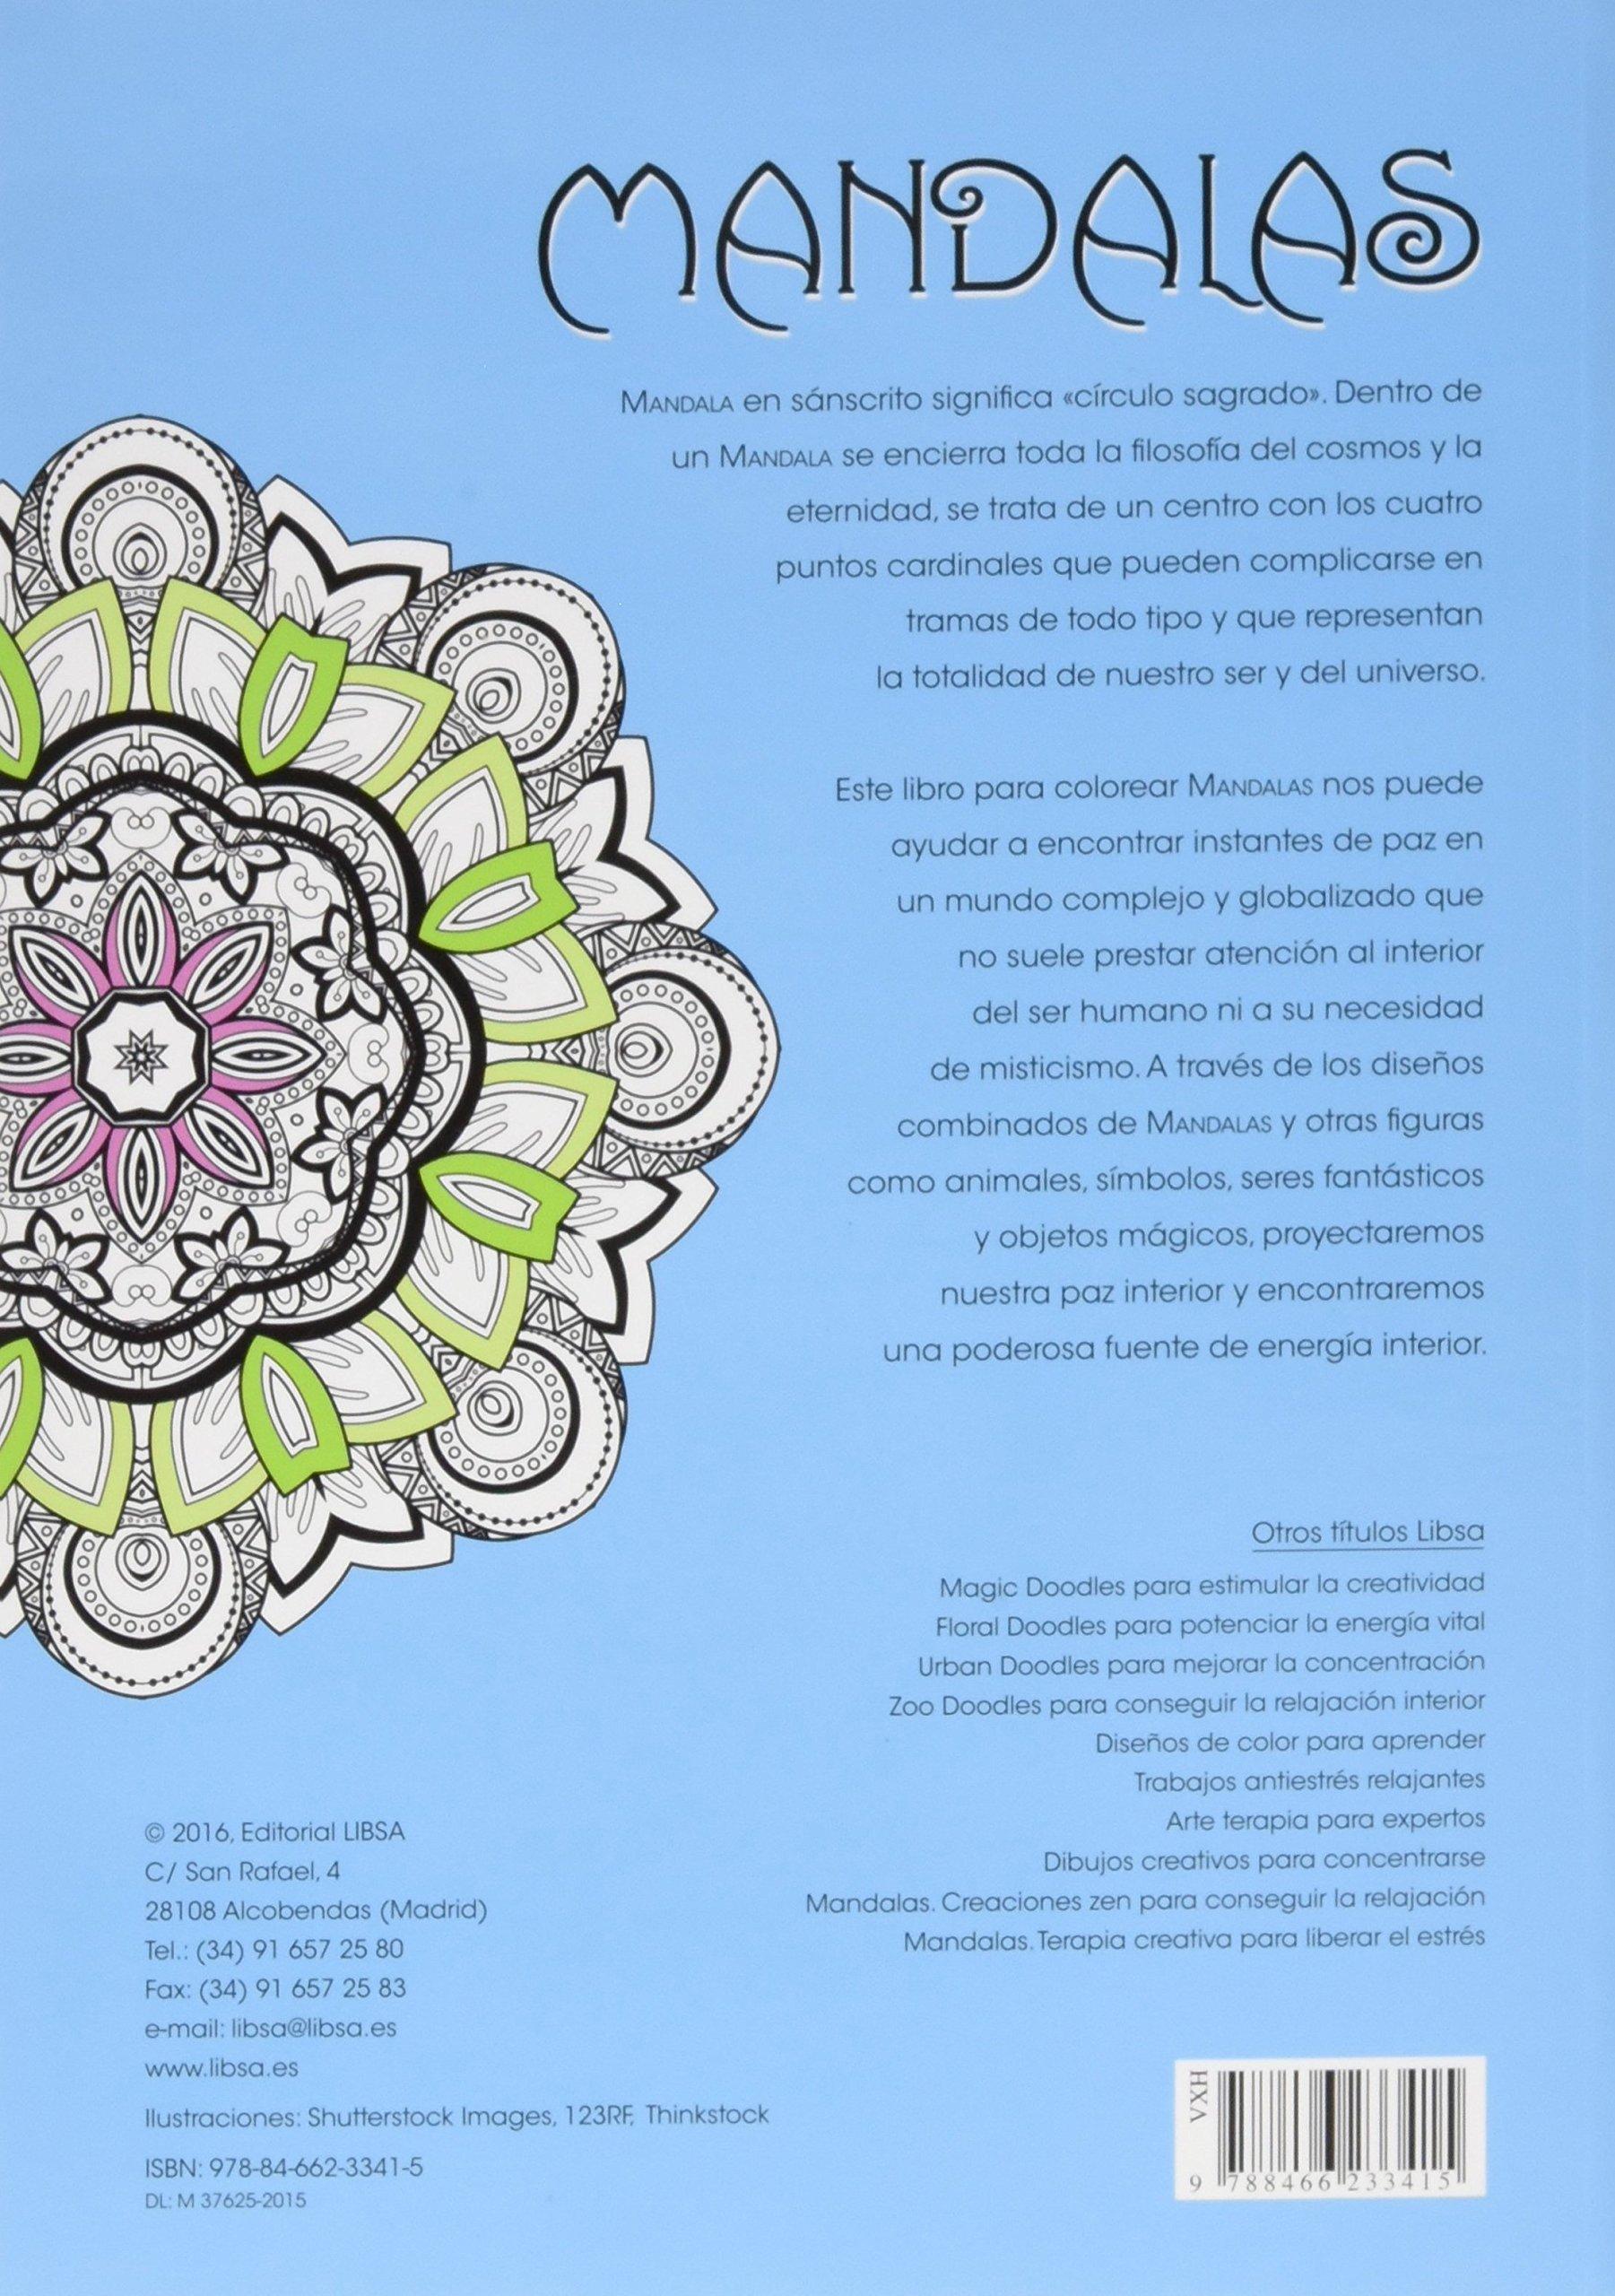 Mandalas Terapia Creativa para Liberar el Estrés: Amazon.es: Equipo ...